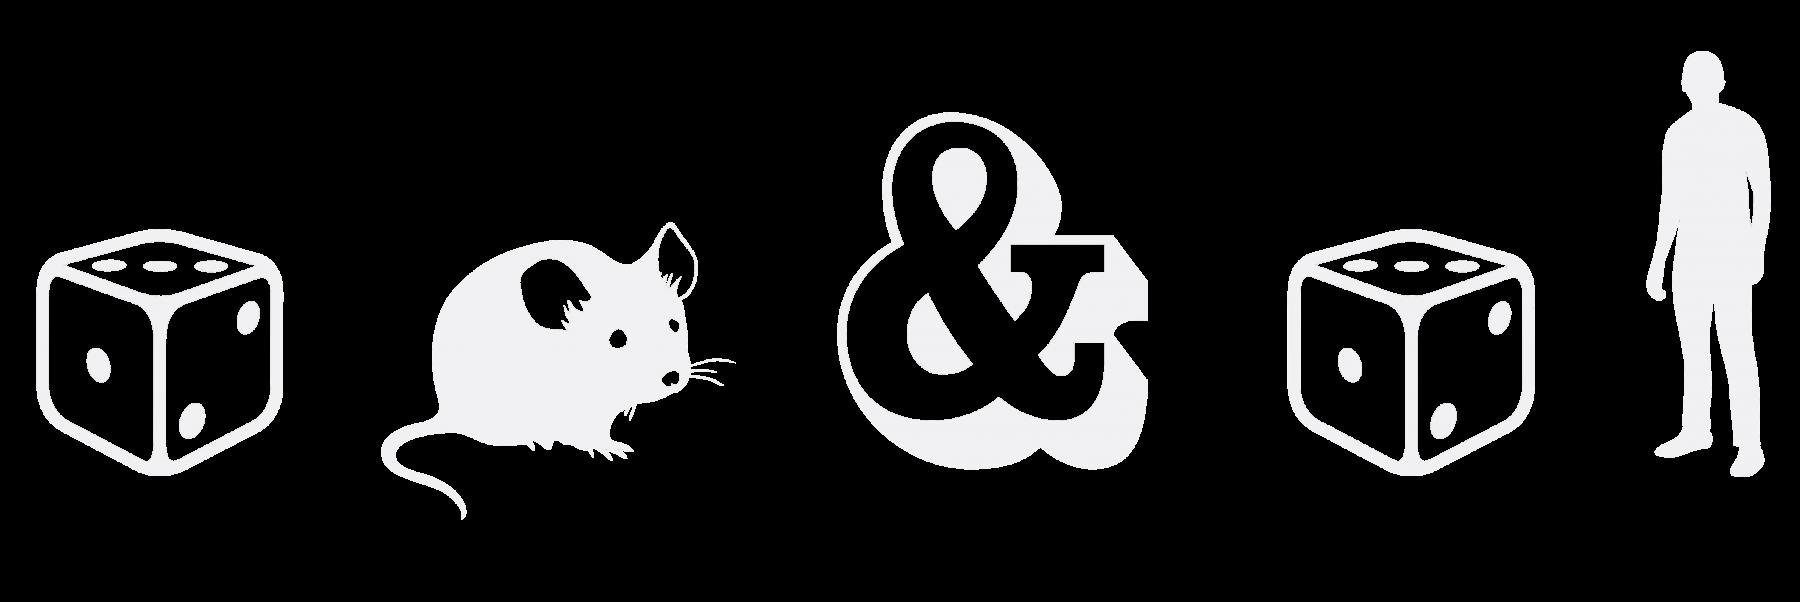 Des souris et des hommes inc.